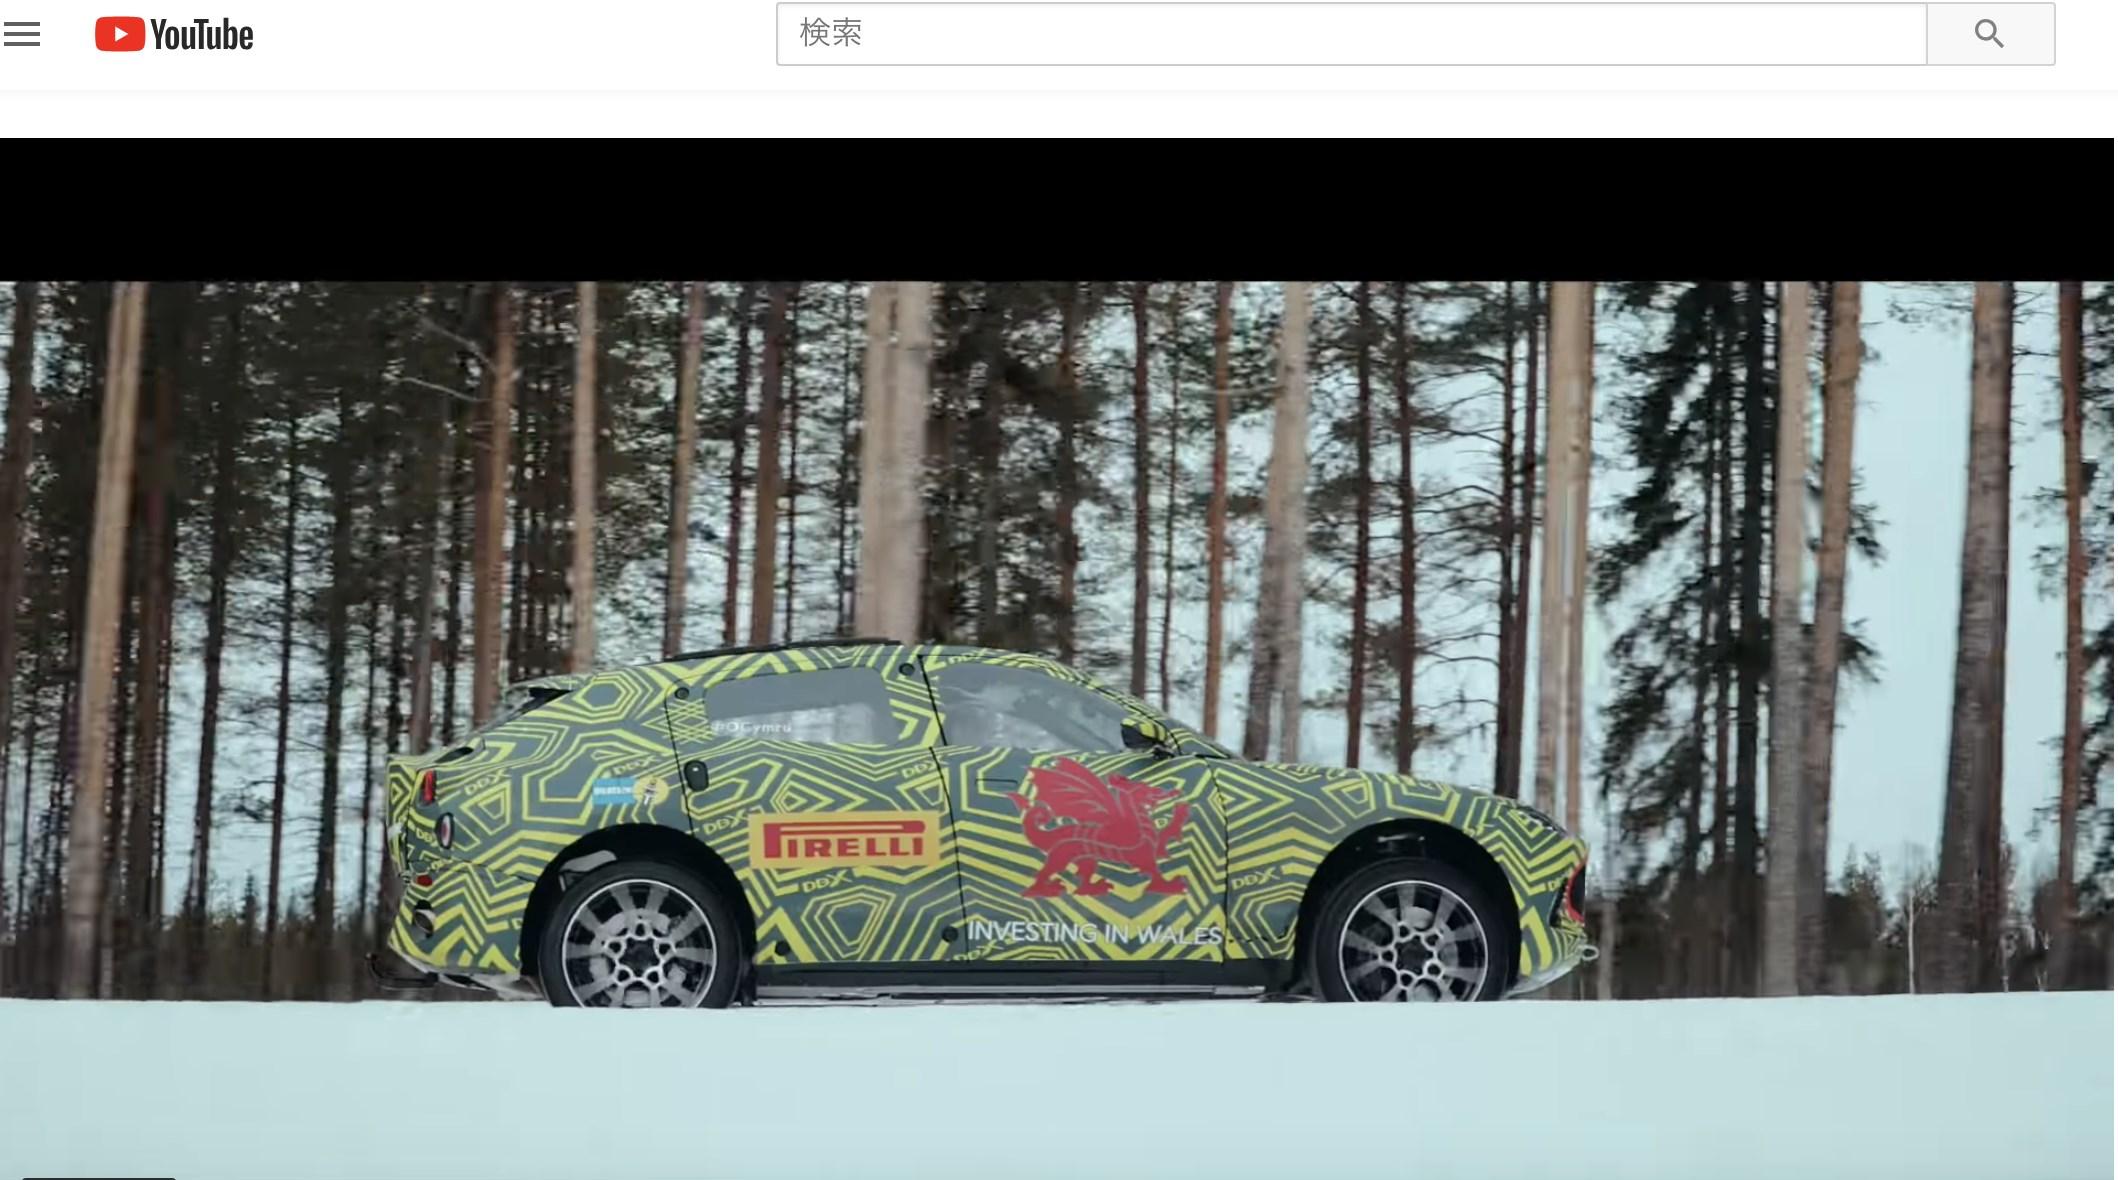 アストンマーティン、初のSUV「DBX」の走行映像を公開